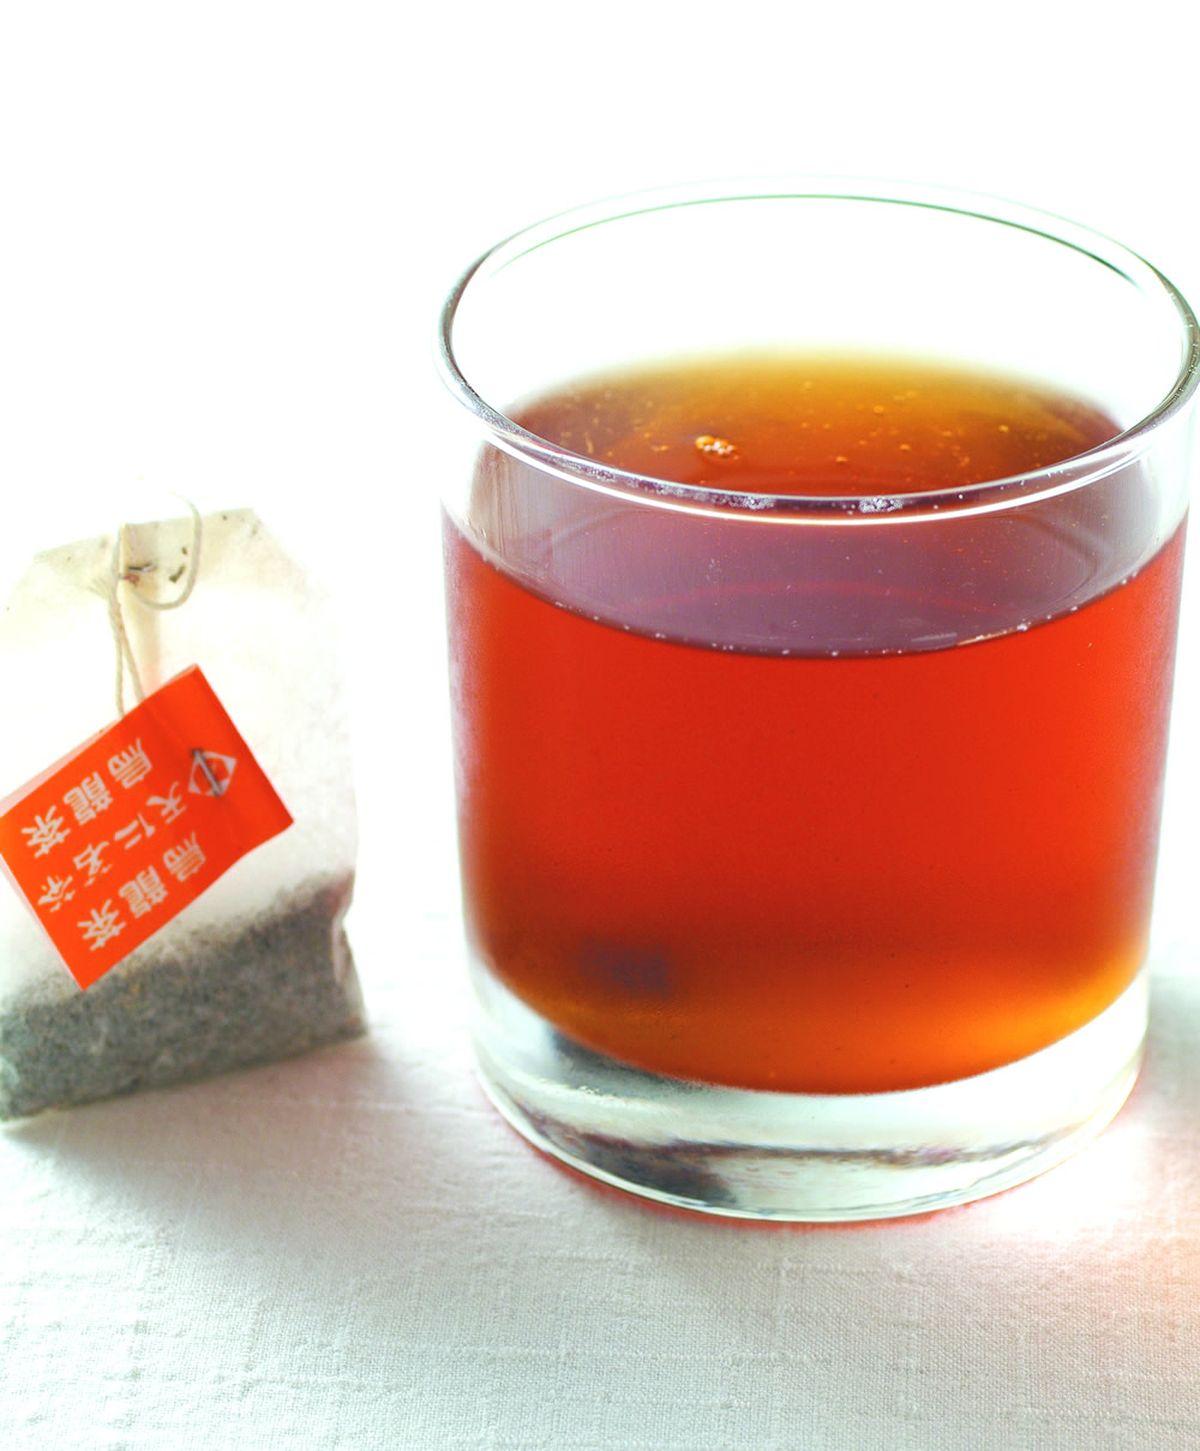 食譜:烏龍茶